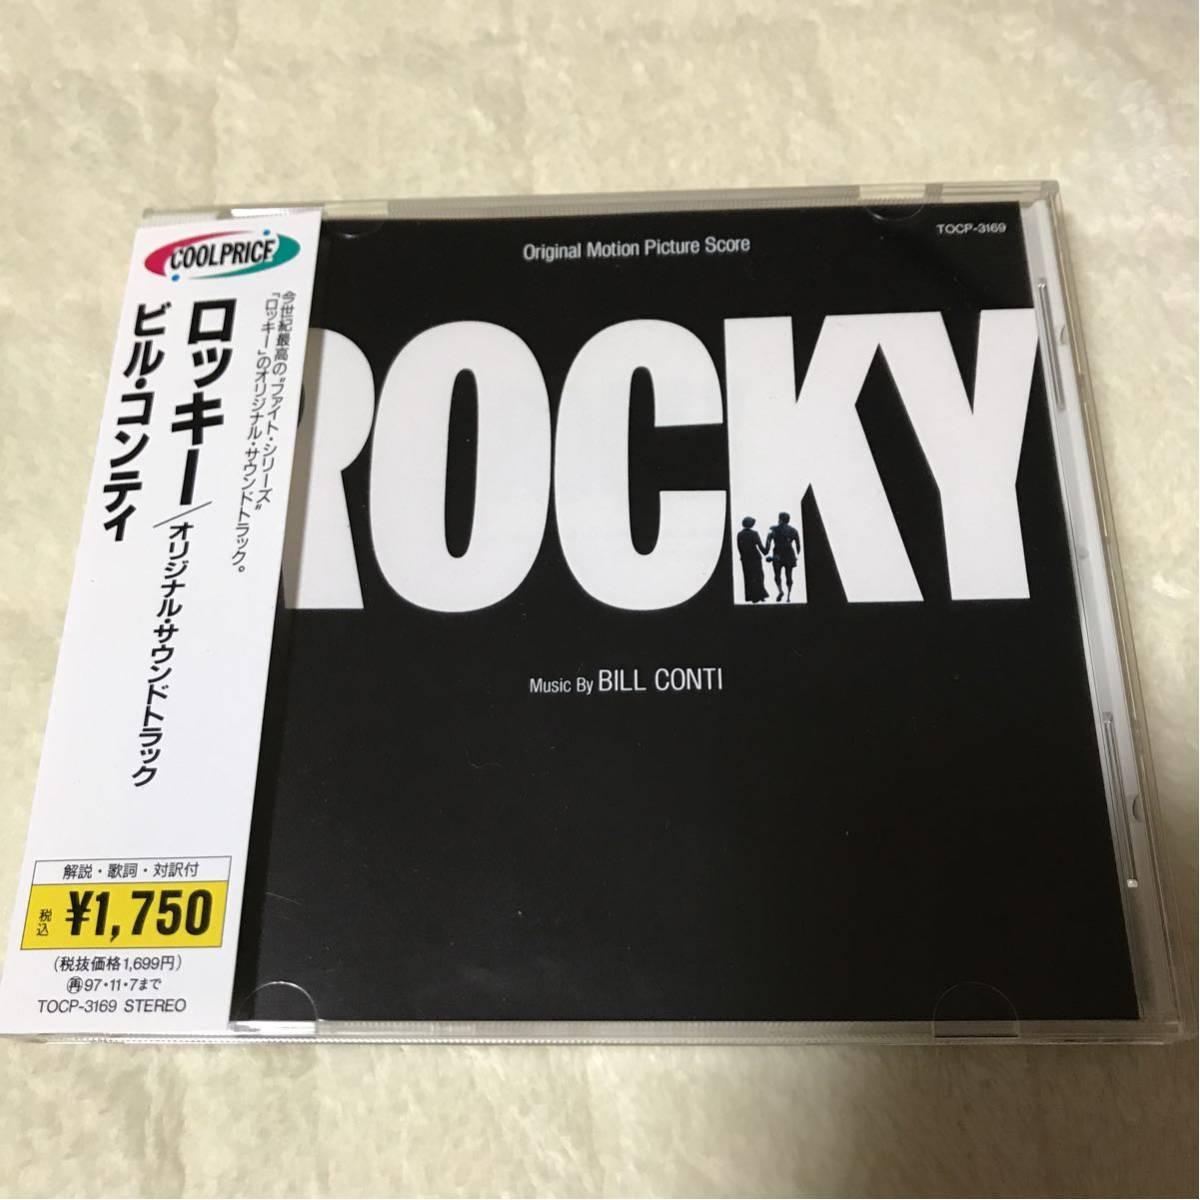 帯付美品CD ロッキー オリジナルサウンドトラック ビル・コンティ 国内盤_画像1